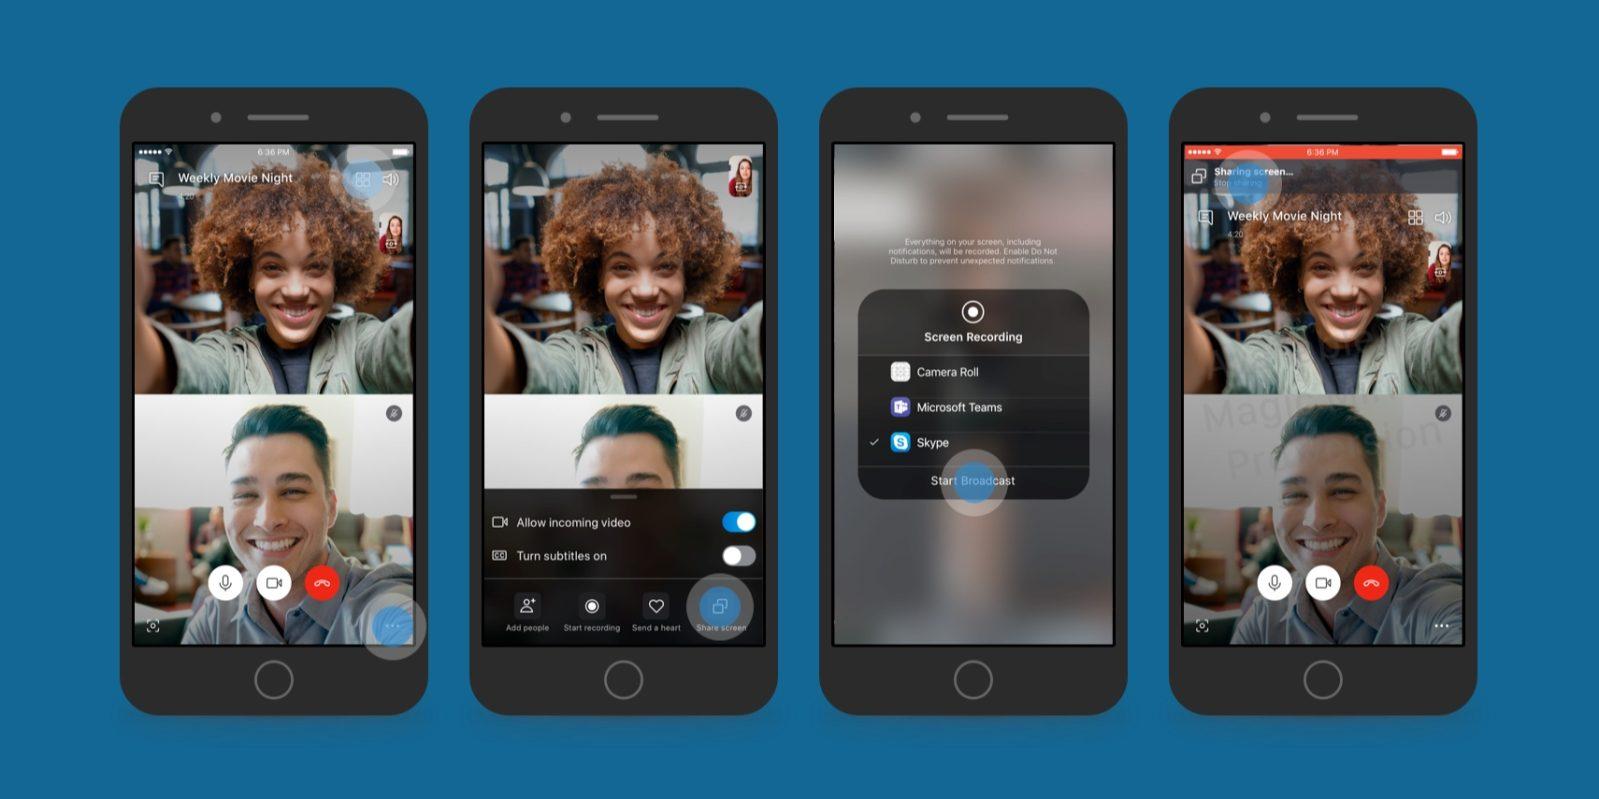 Skype Beta screen sharing